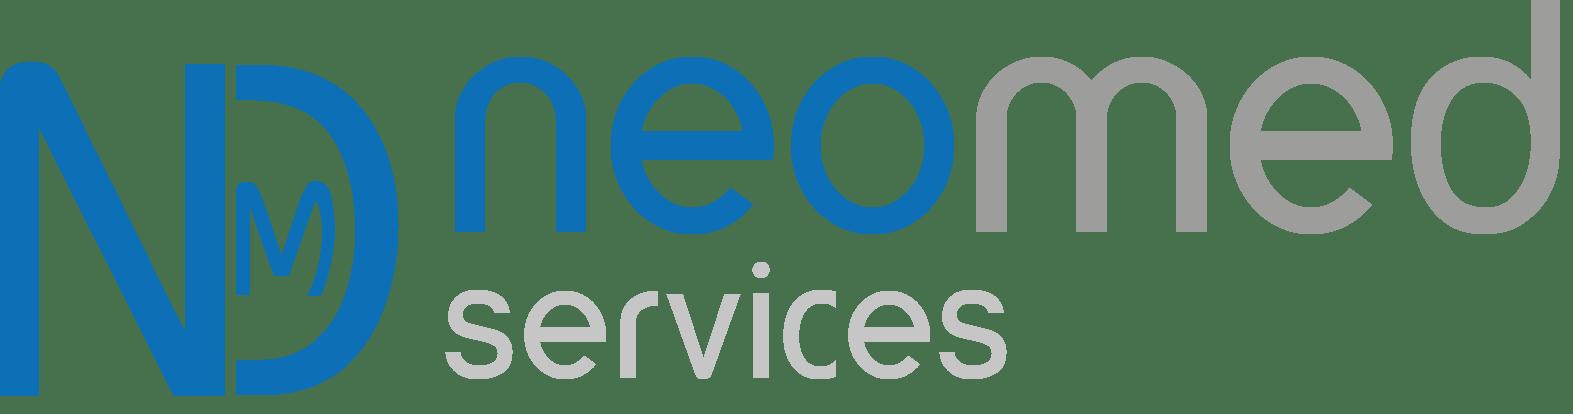 NEOMED Services - société de services spécialisée dansla conception, la validation et la réglementation de dispositifs médicaux.